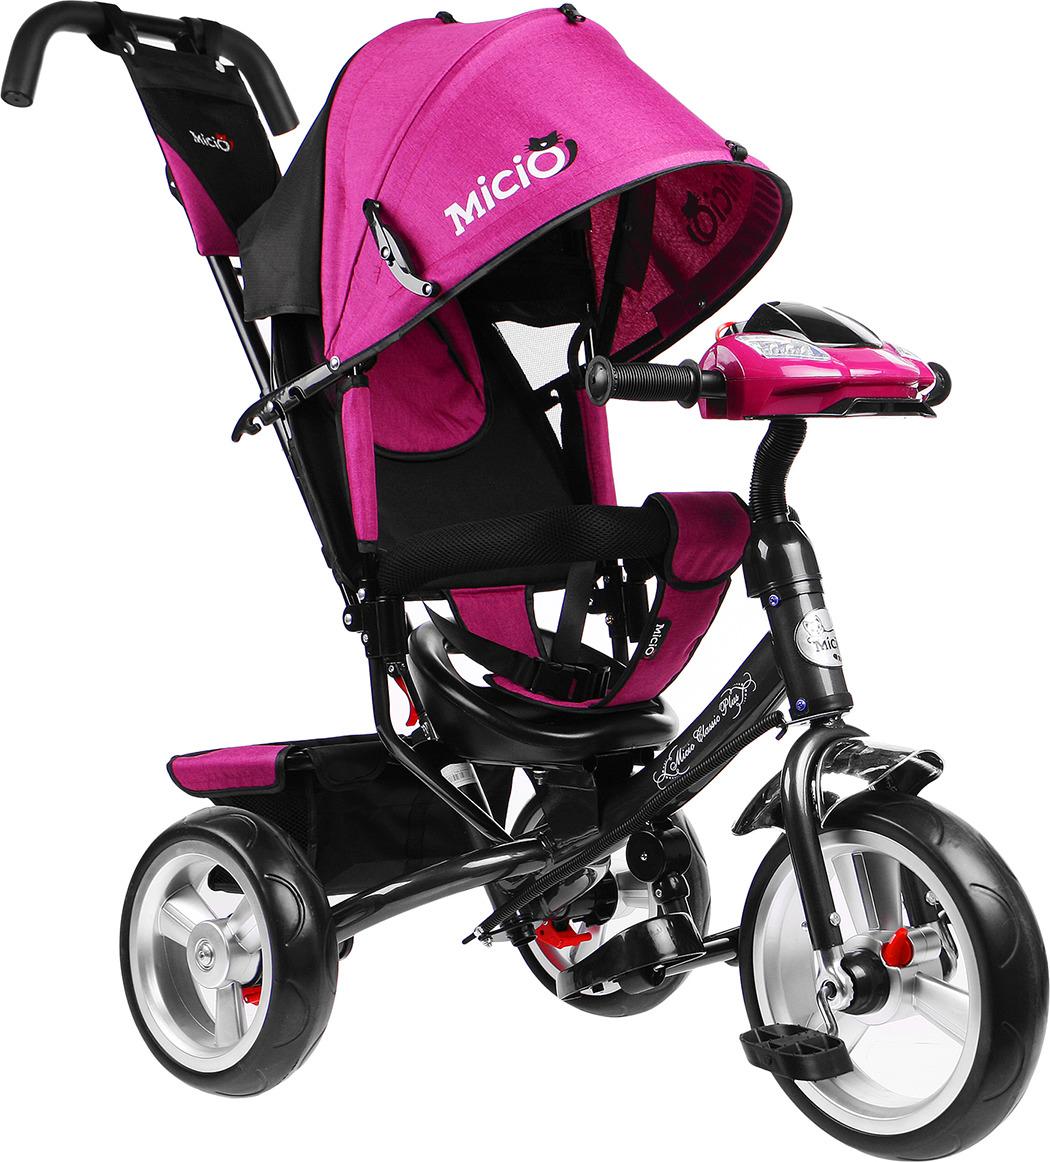 Велосипед трехколесный детский Micio Classic Plus 2019, 3871487, сливовый